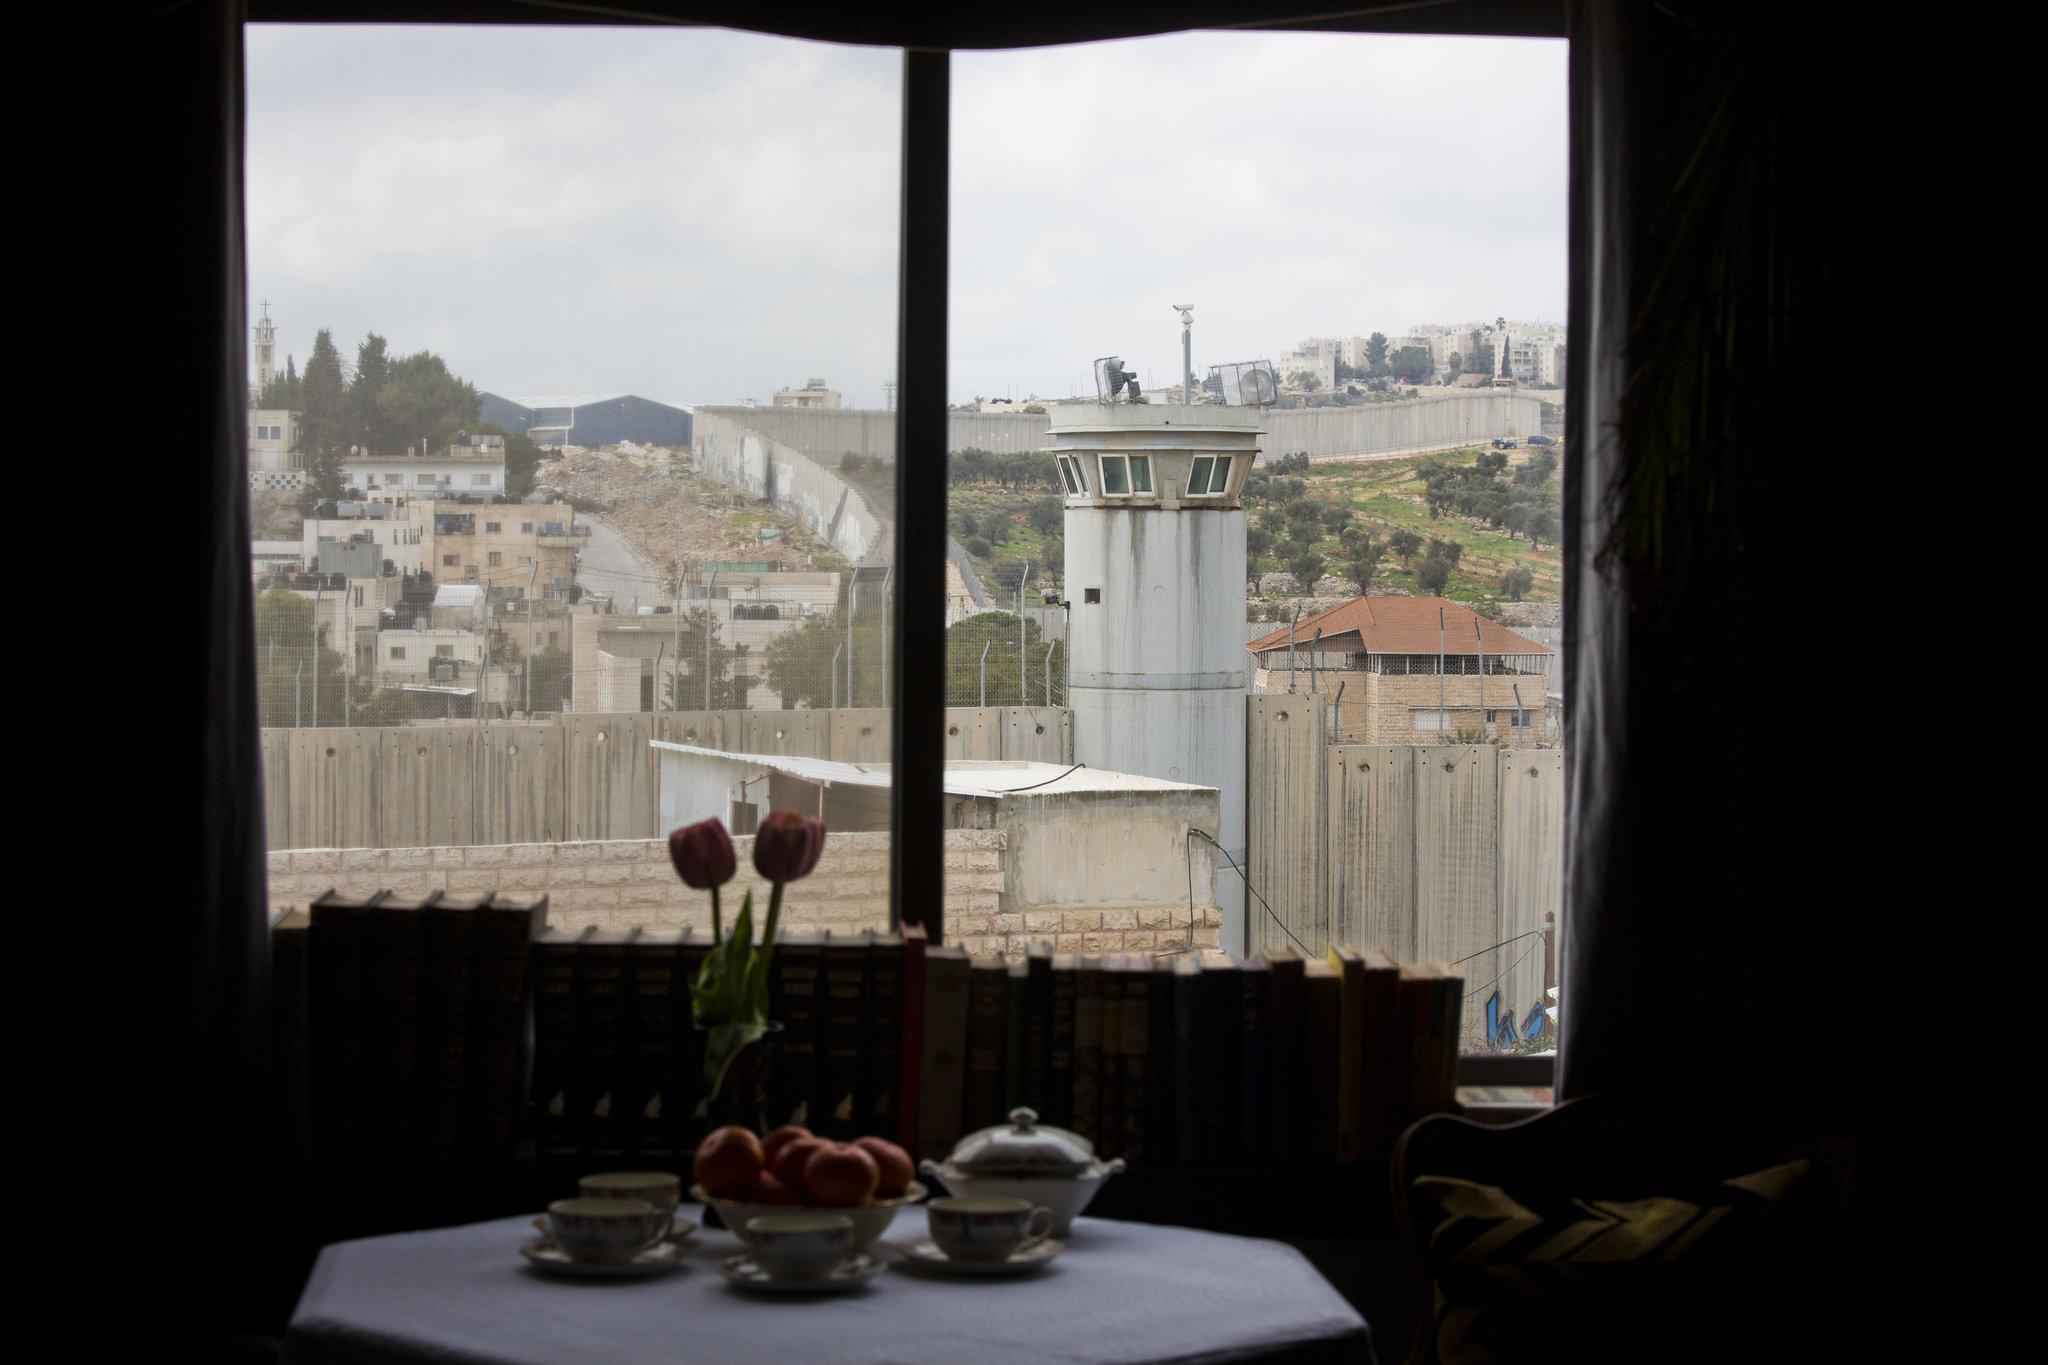 Widok na mur dzielacy Palestyne od Betlejem w hotel Banskyego